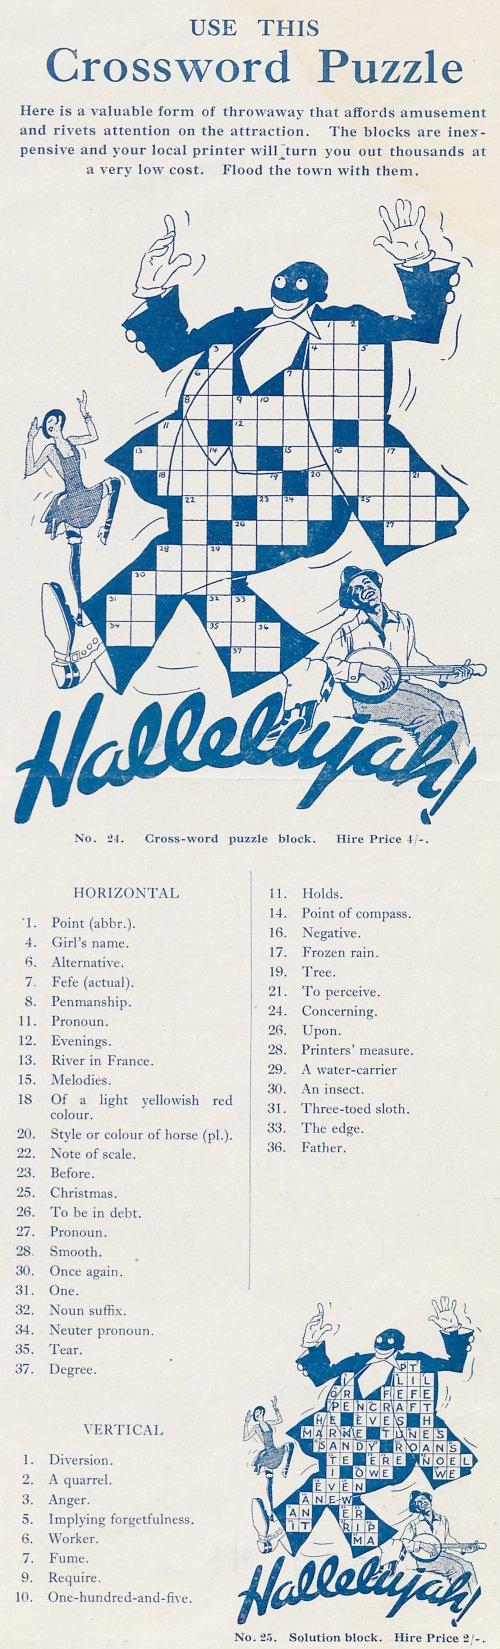 Hallelujah (1929) press book crossword